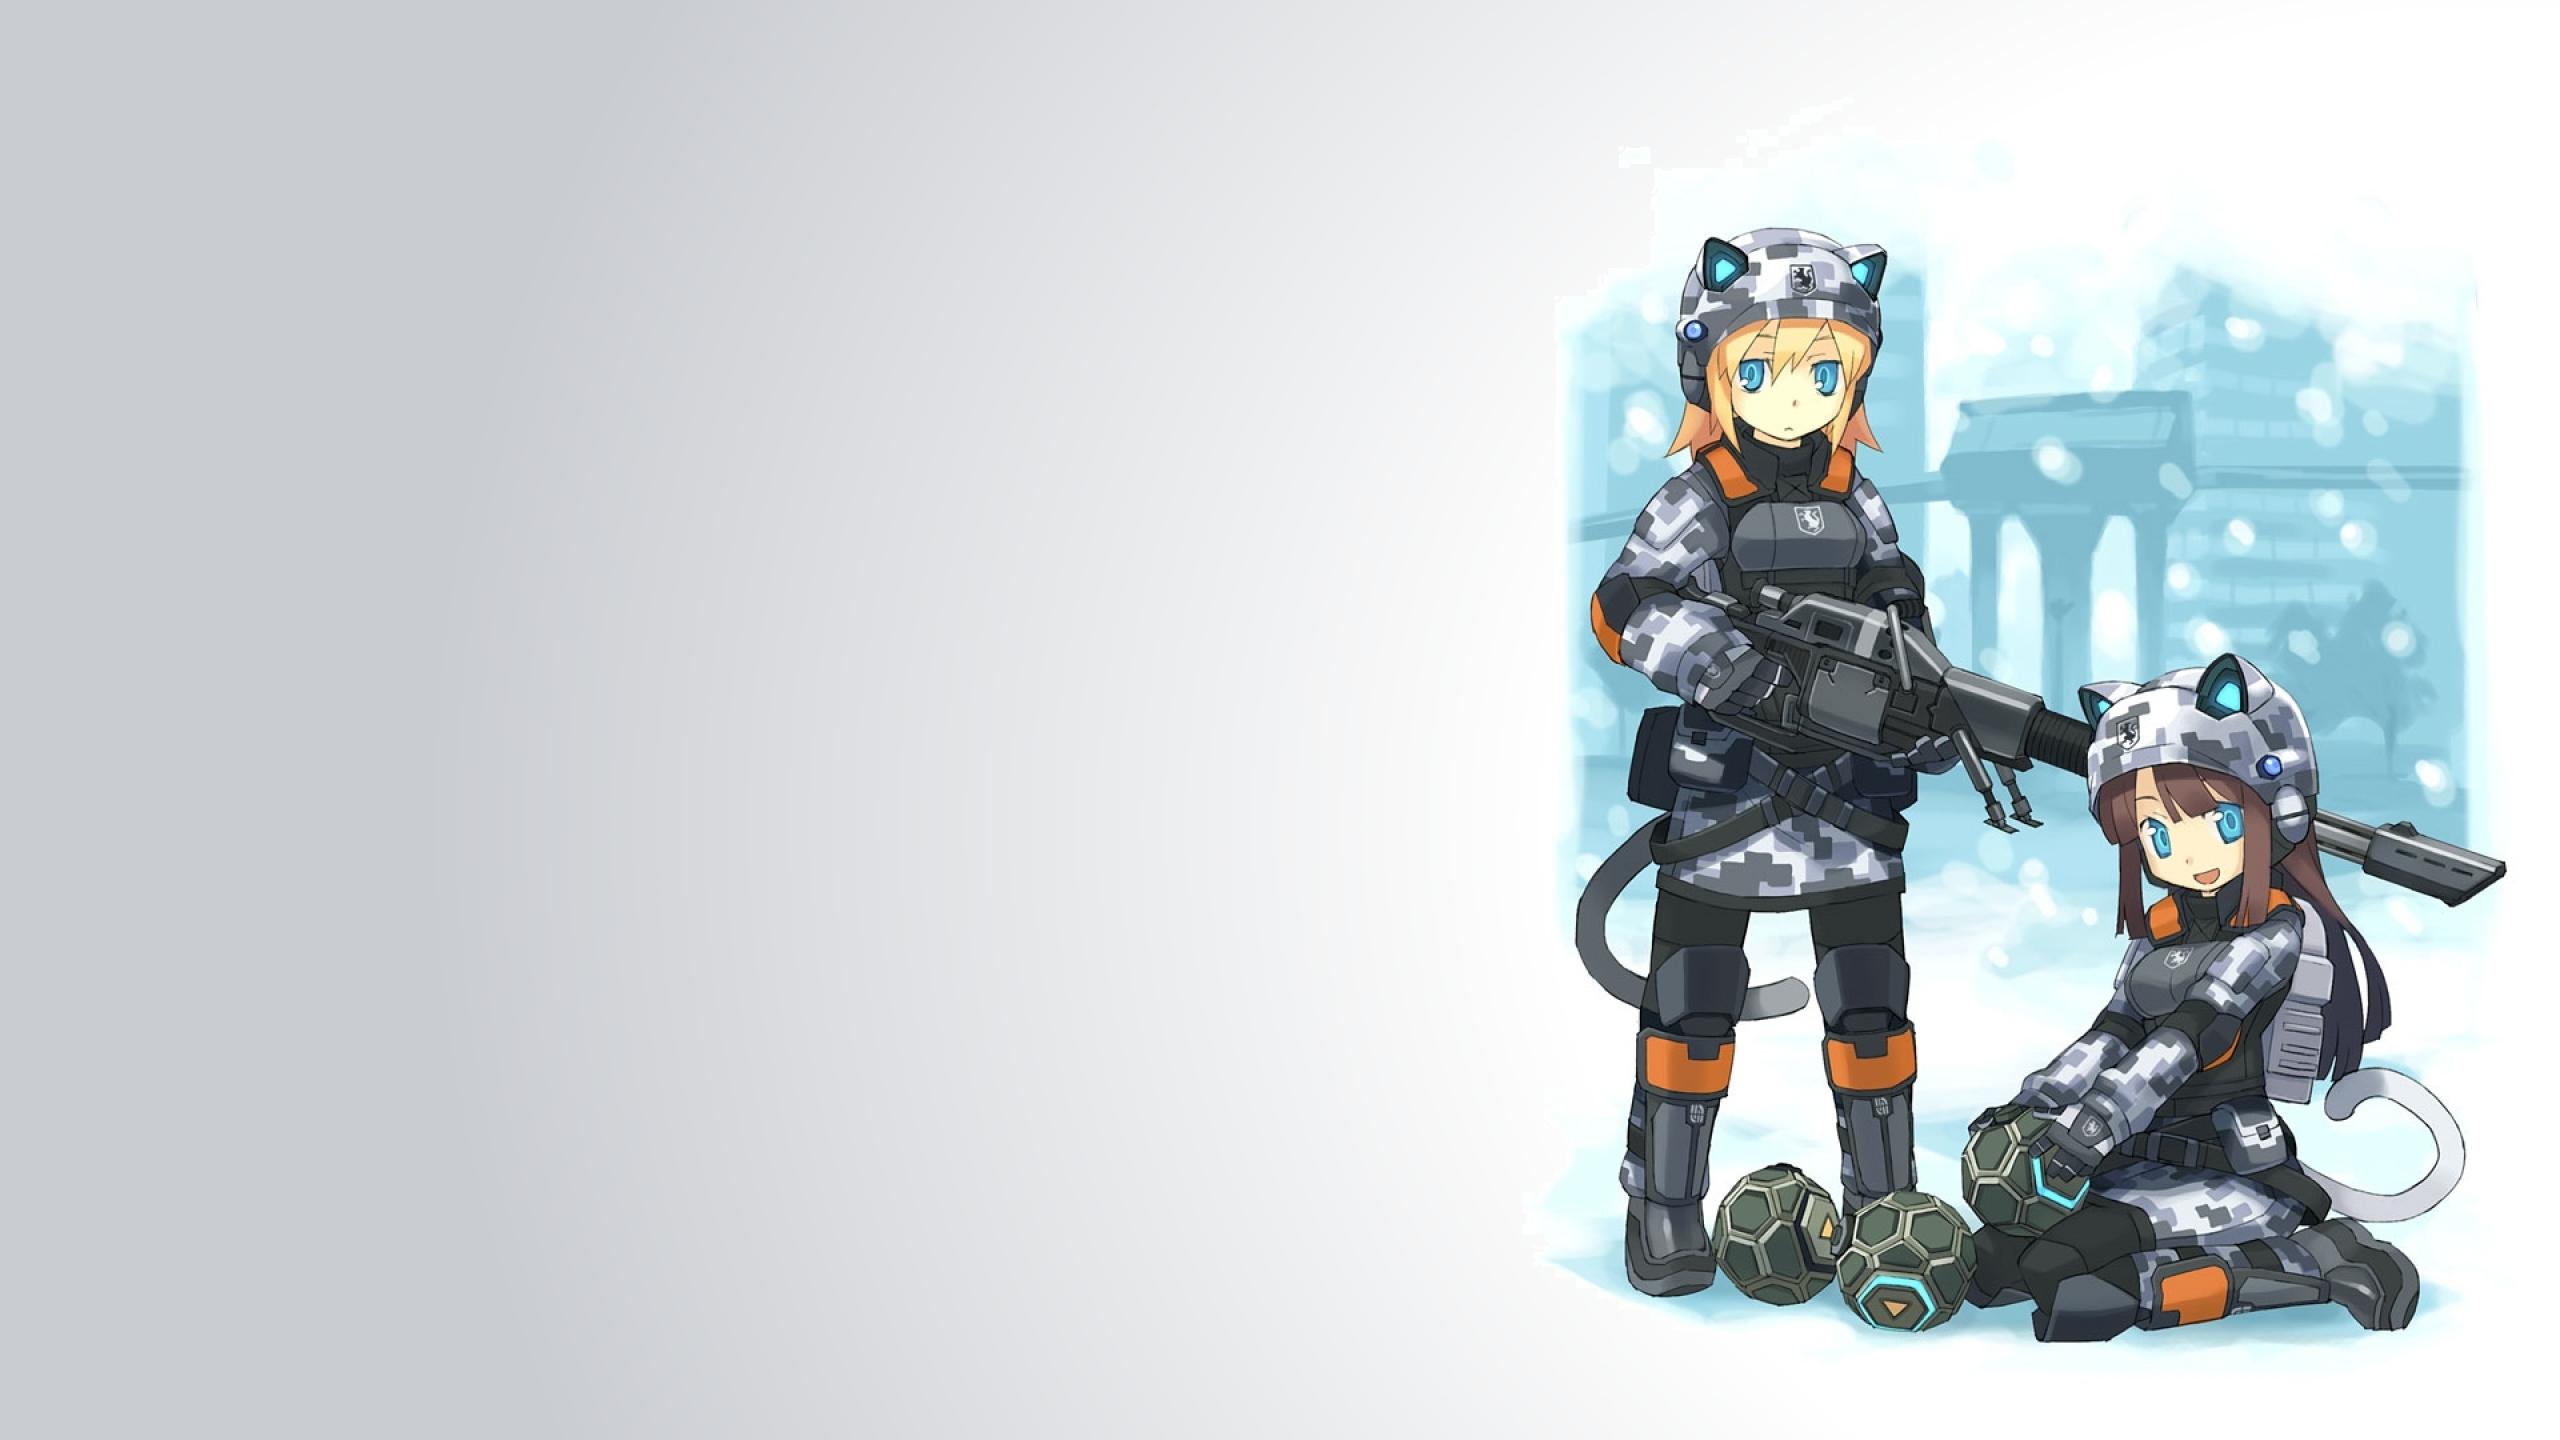 anime girls 1920x1080 wallpaper Art HD WallpaperHi Res Art Wallpaper 2560x1440